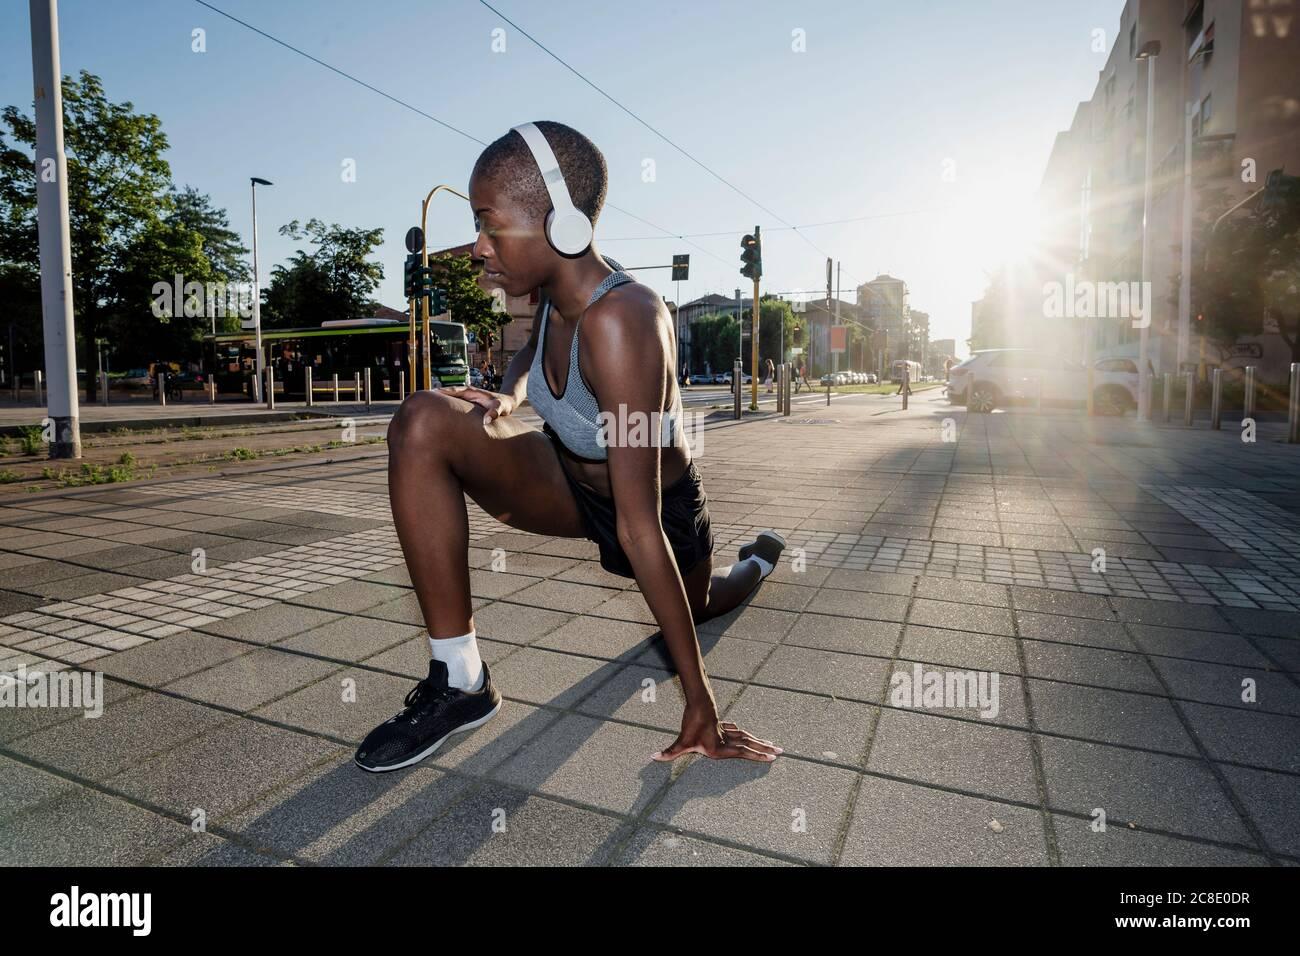 Mujer con cabeza afeitada escuchando música a través de los auriculares mientras se estira piernas en la calle en la ciudad Foto de stock